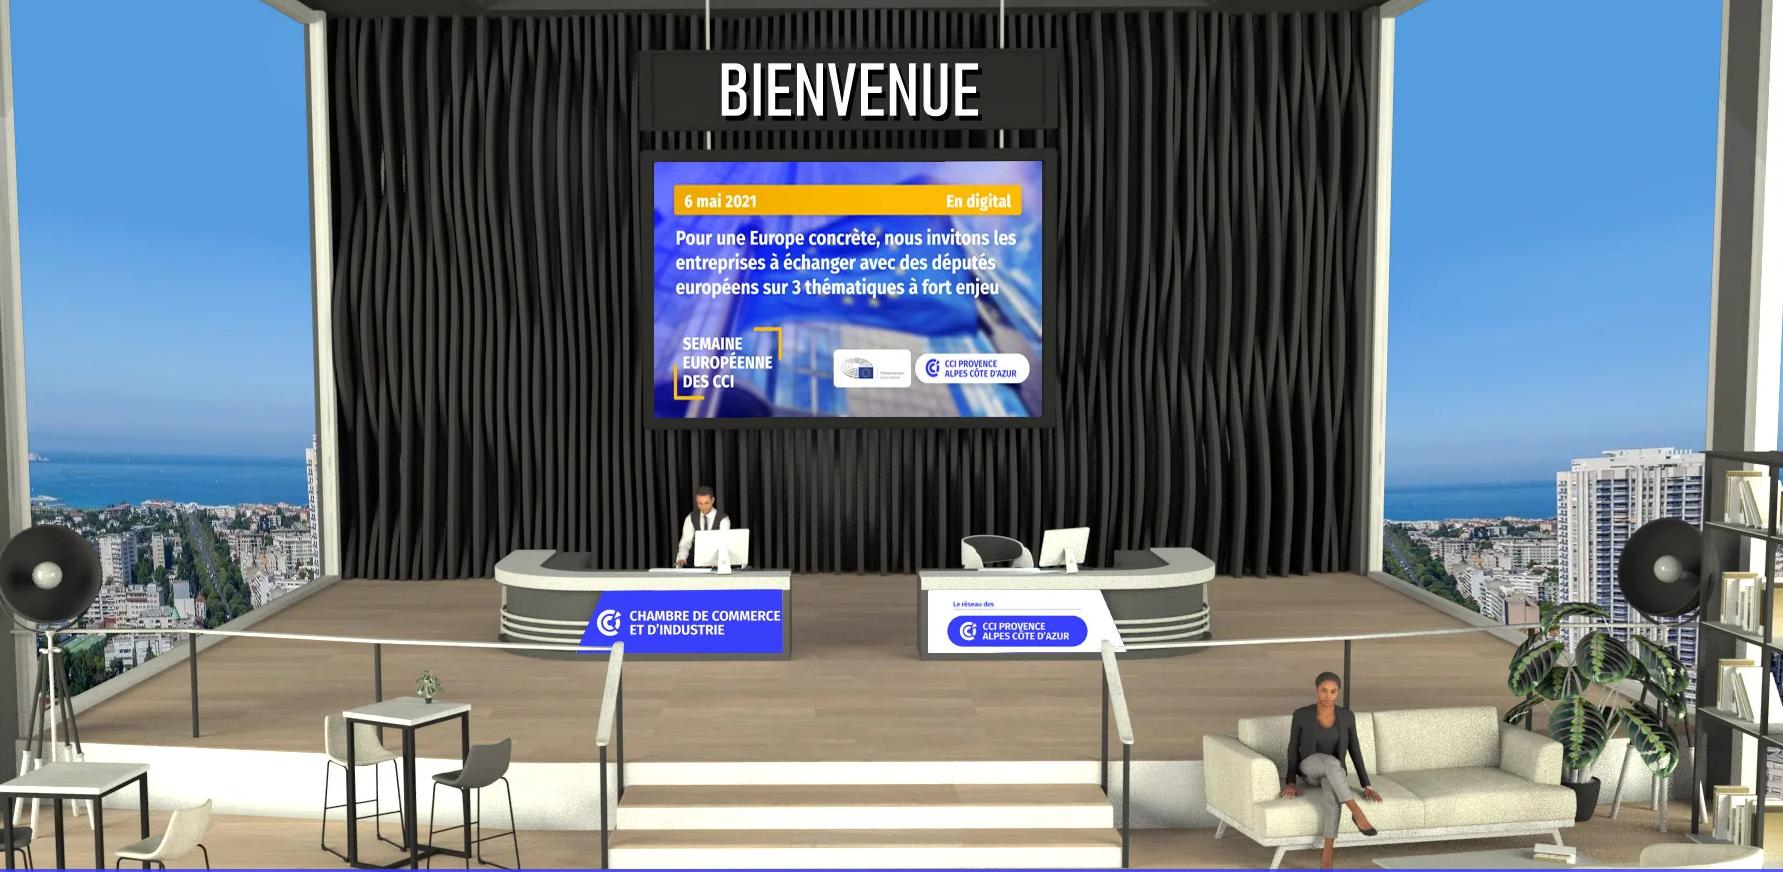 Le Sky Center de la tour la Marseillaise accueillera la plate-forme digitale destinée à répondre aux chefs d'entreprises (photo : CCI Provence Alpes Côte d'Azur)